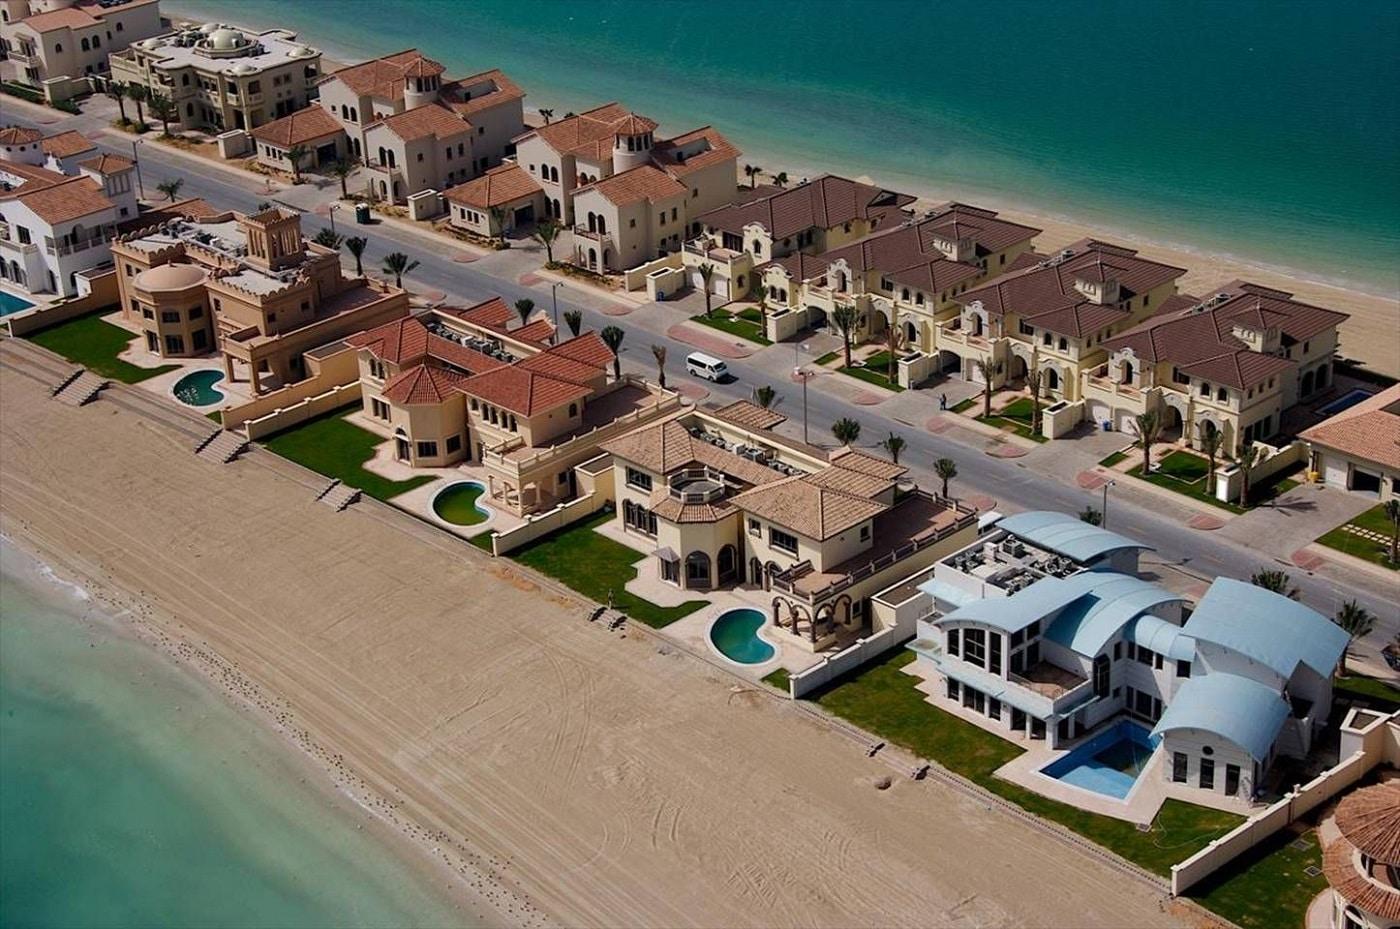 Pe fiecare frunză a palmierului sunt construite hoteluri şi case de vacanţă de lux